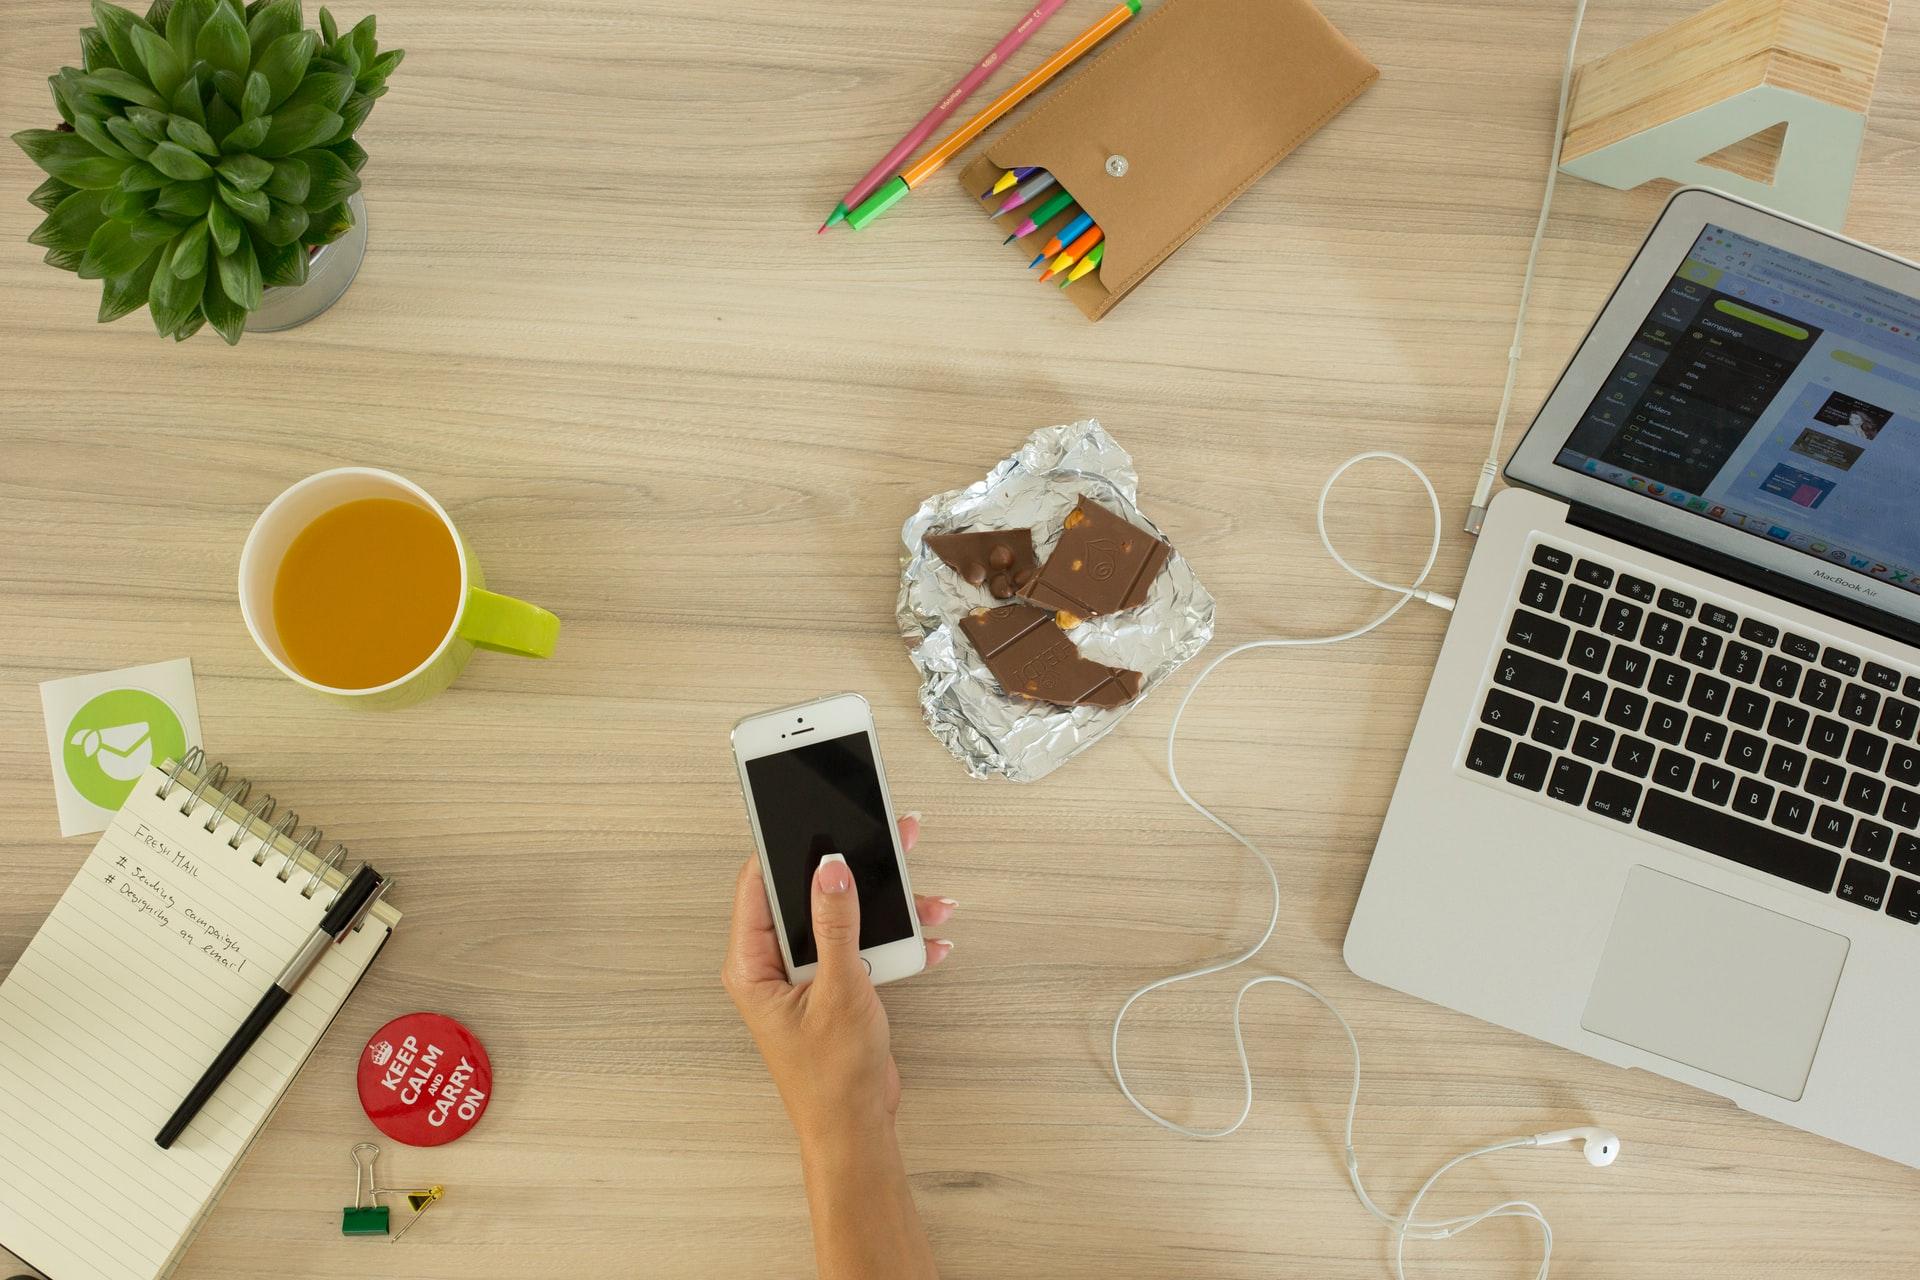 A koronavírus munkajogi vonatkozásai – a 'home office' munkavégzés